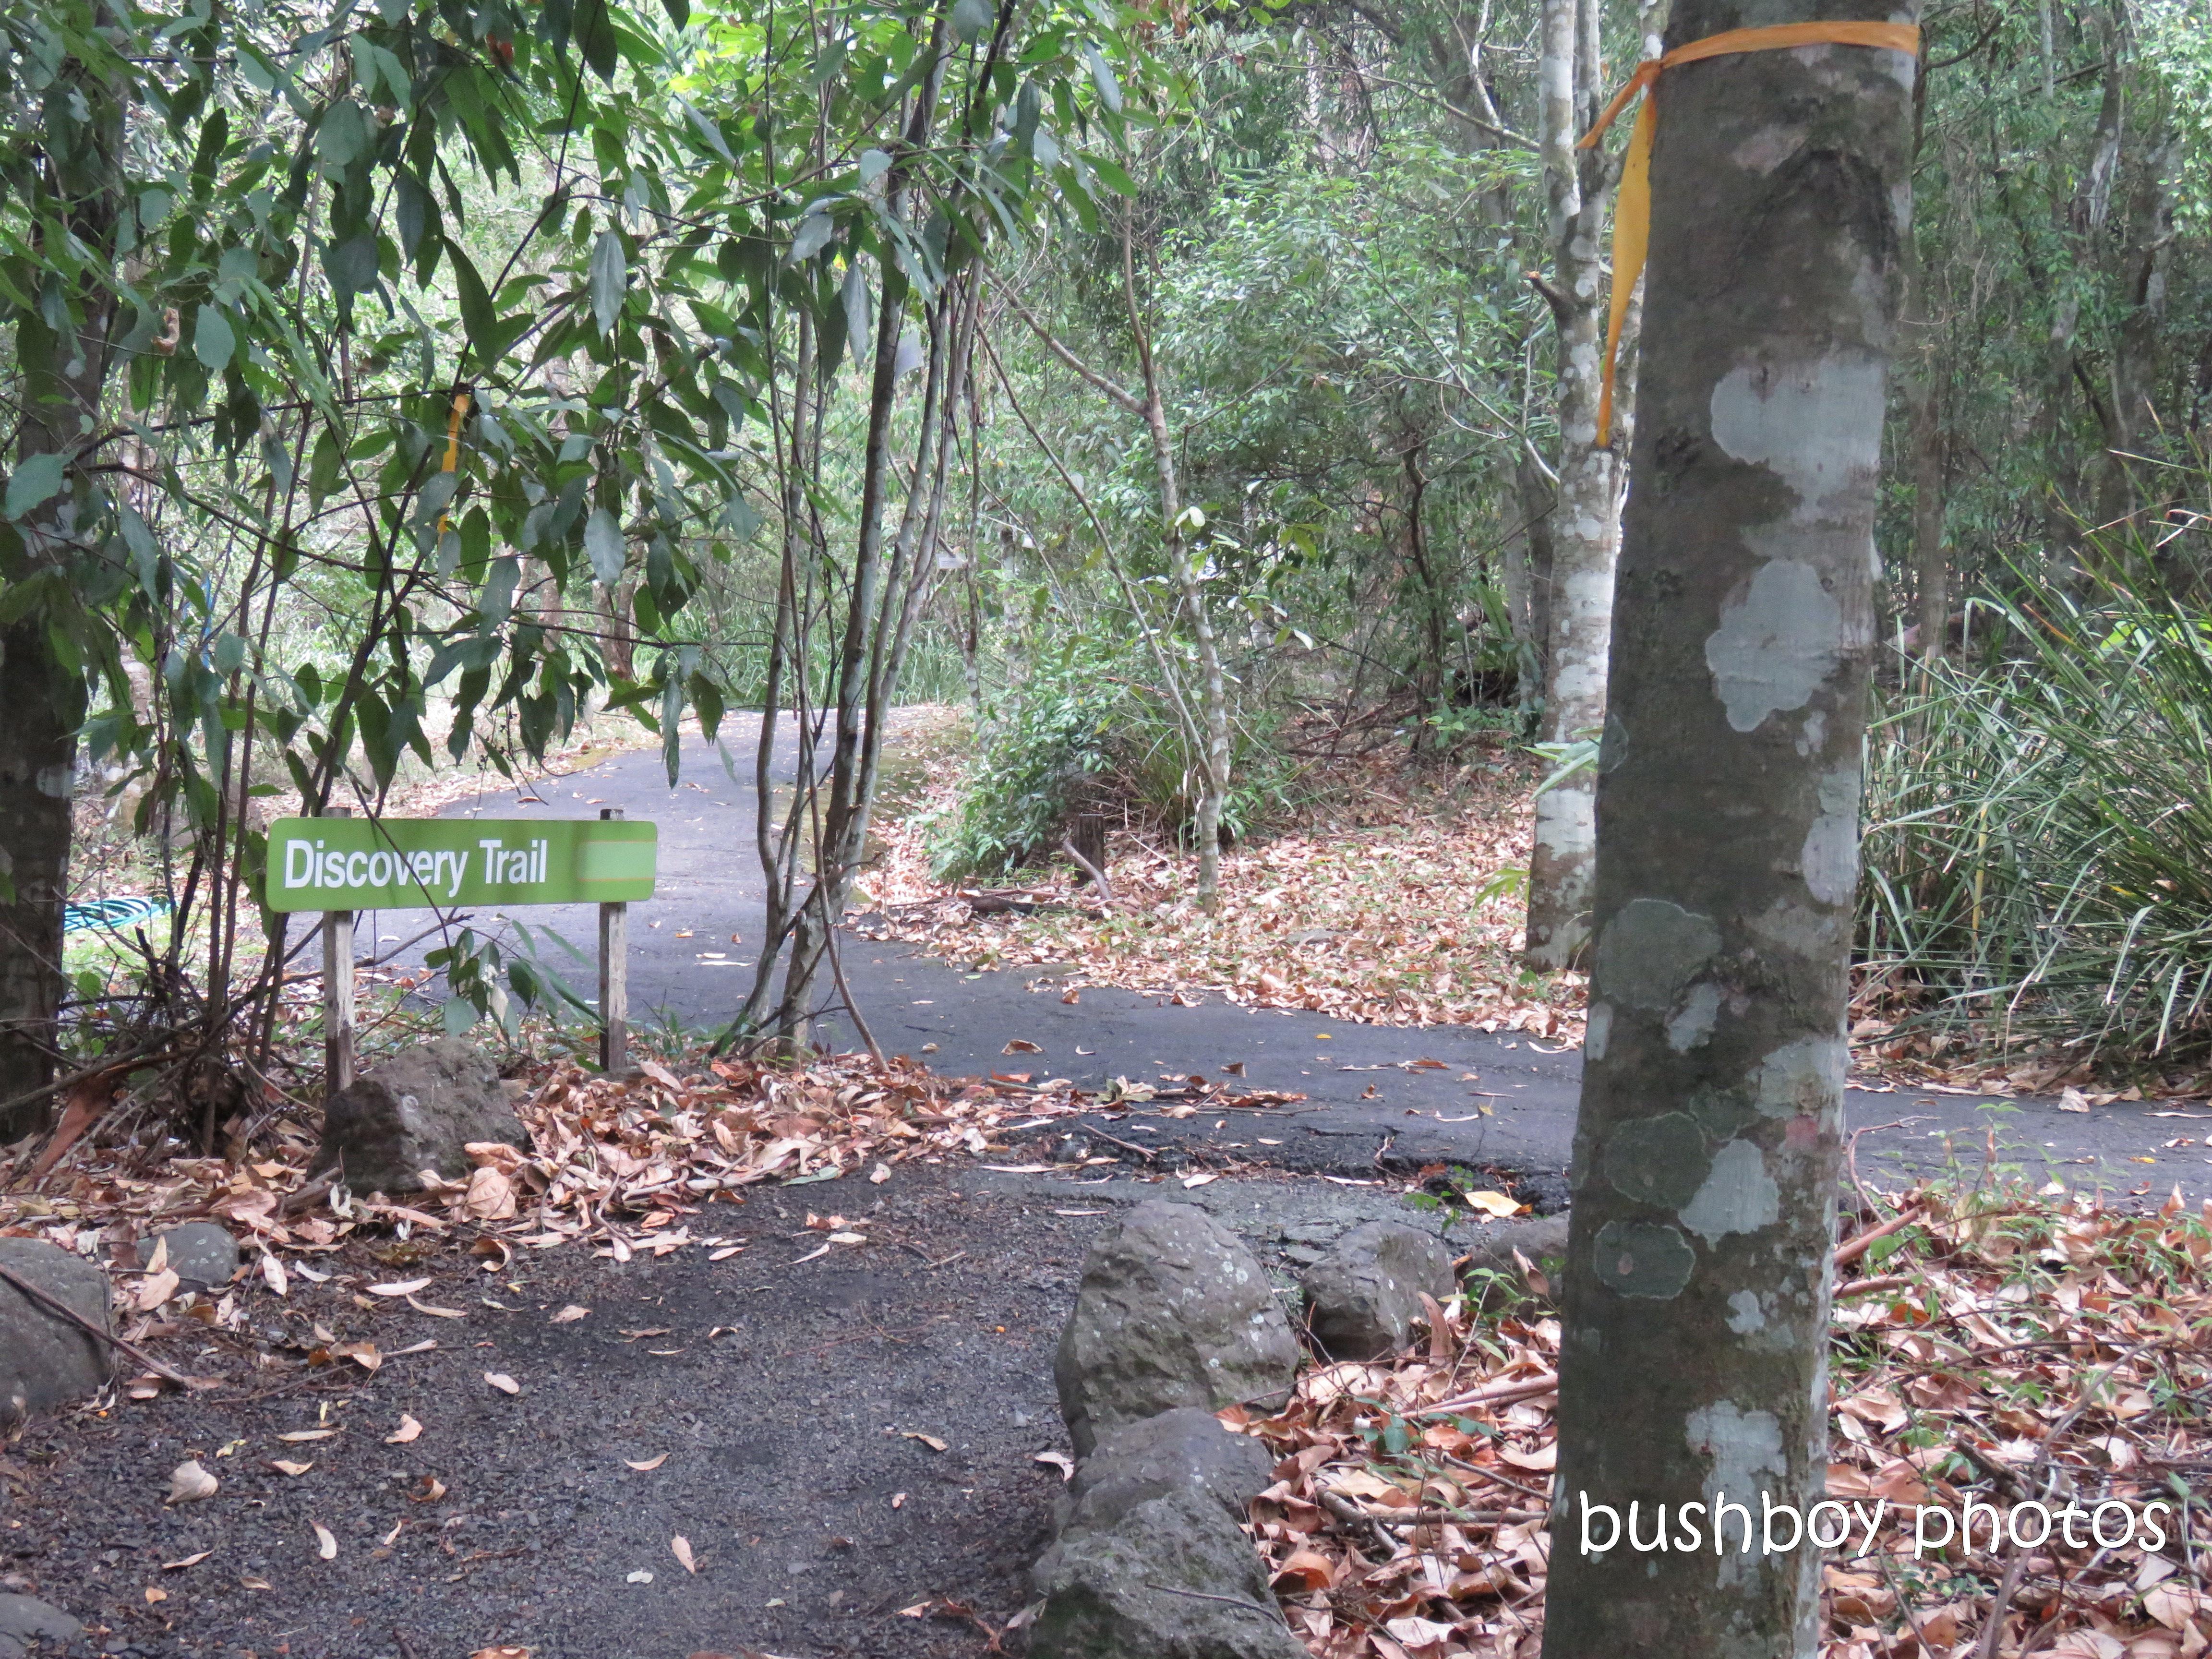 lismore_botanical_gardens_paths_bridges1_jan 2019 (7)